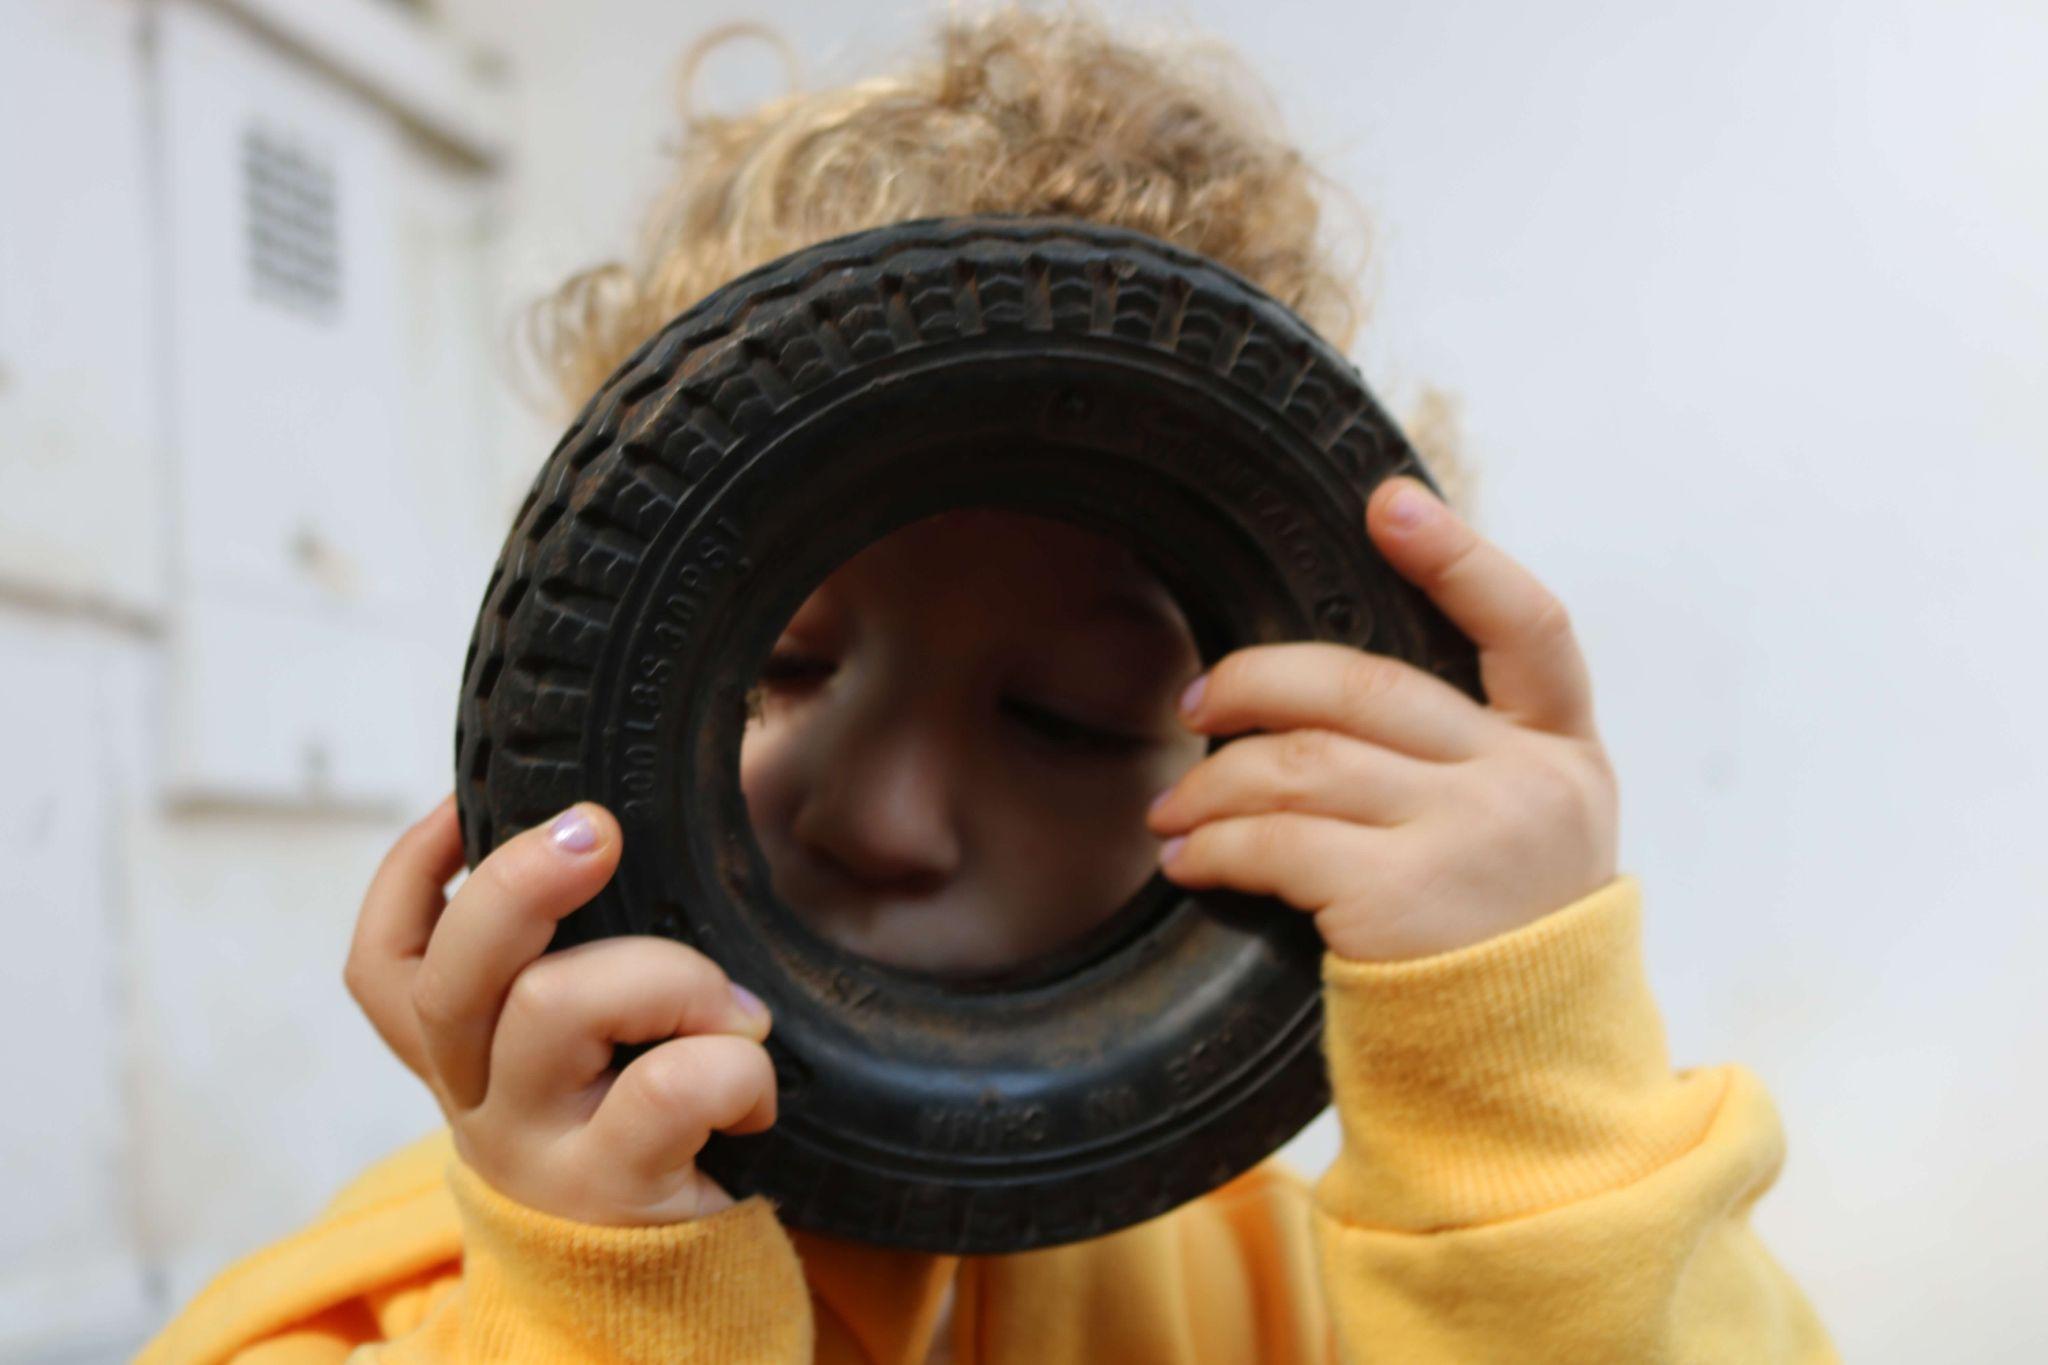 AS imagem mostra um criança olhando através de um brinquedo.